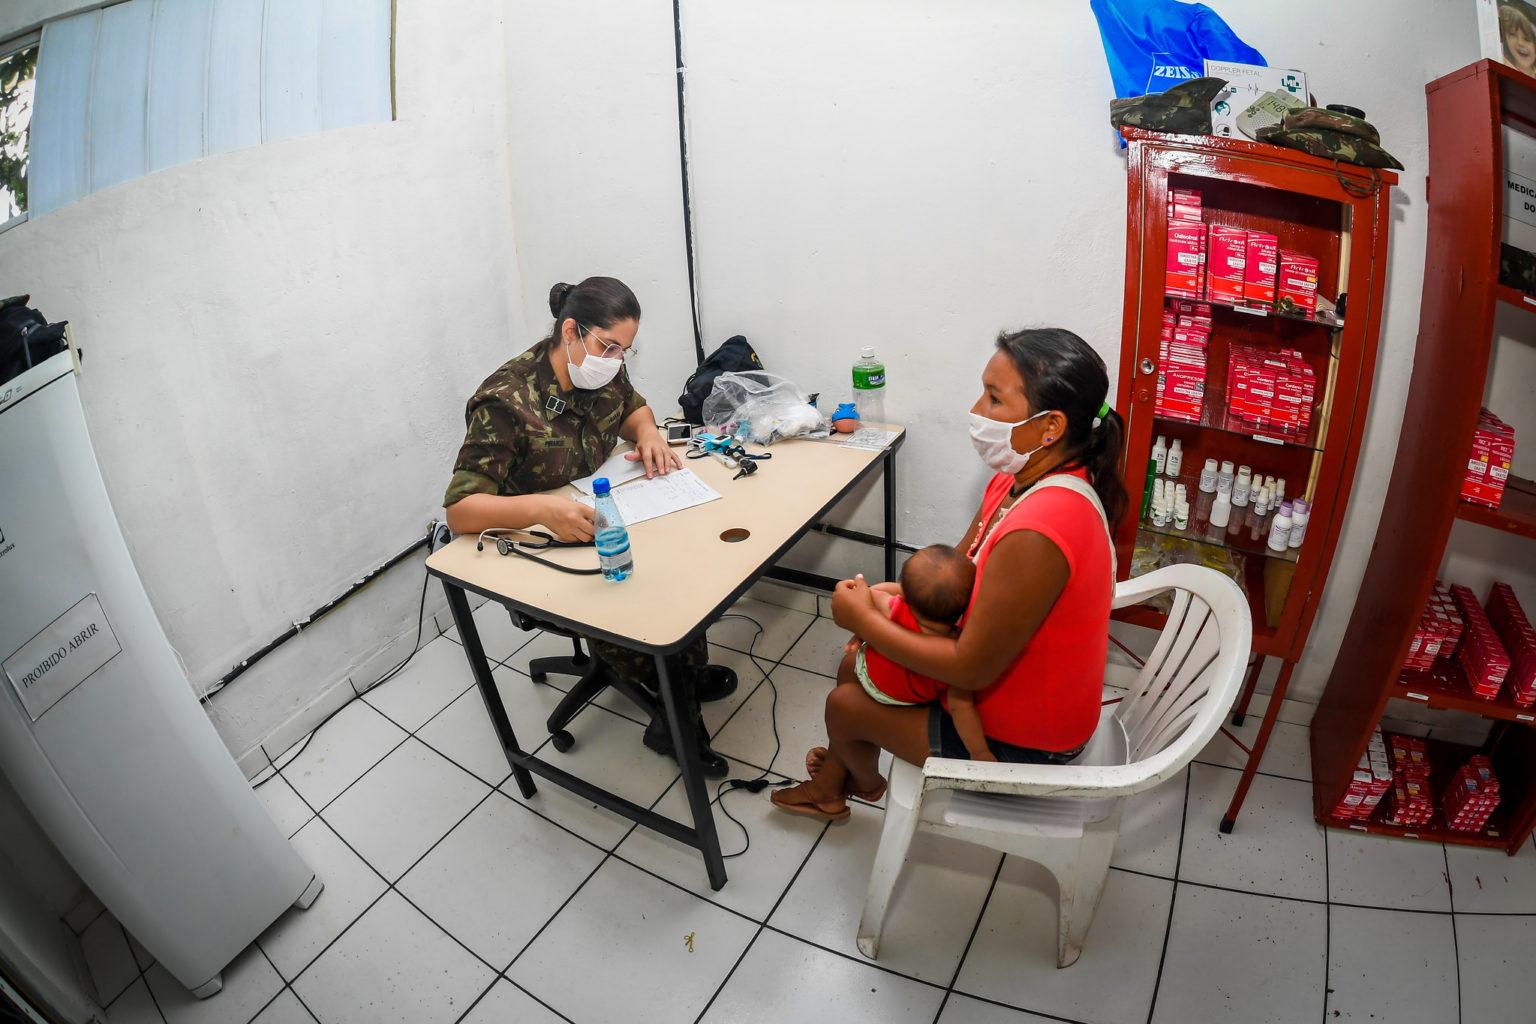 Médica das Forças Armadas realiza atendimento a mulher Yanomami na comunidade de Maturacá, no Amazonas: saúde em risco ( Foto: Alexandre Manfrim/Ministério da Defesa - 08/06/2020)